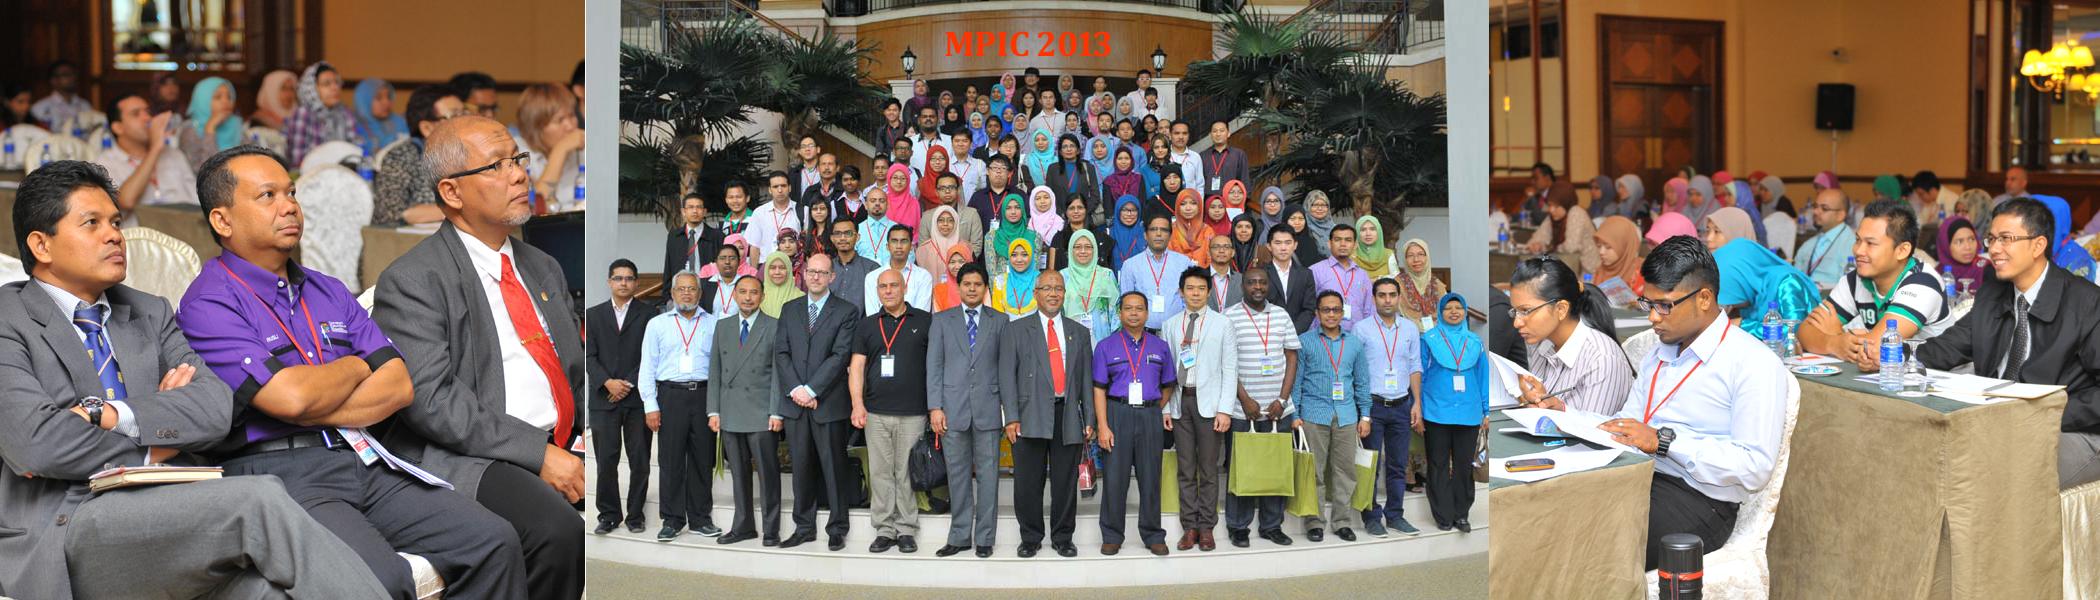 MPIC 2013